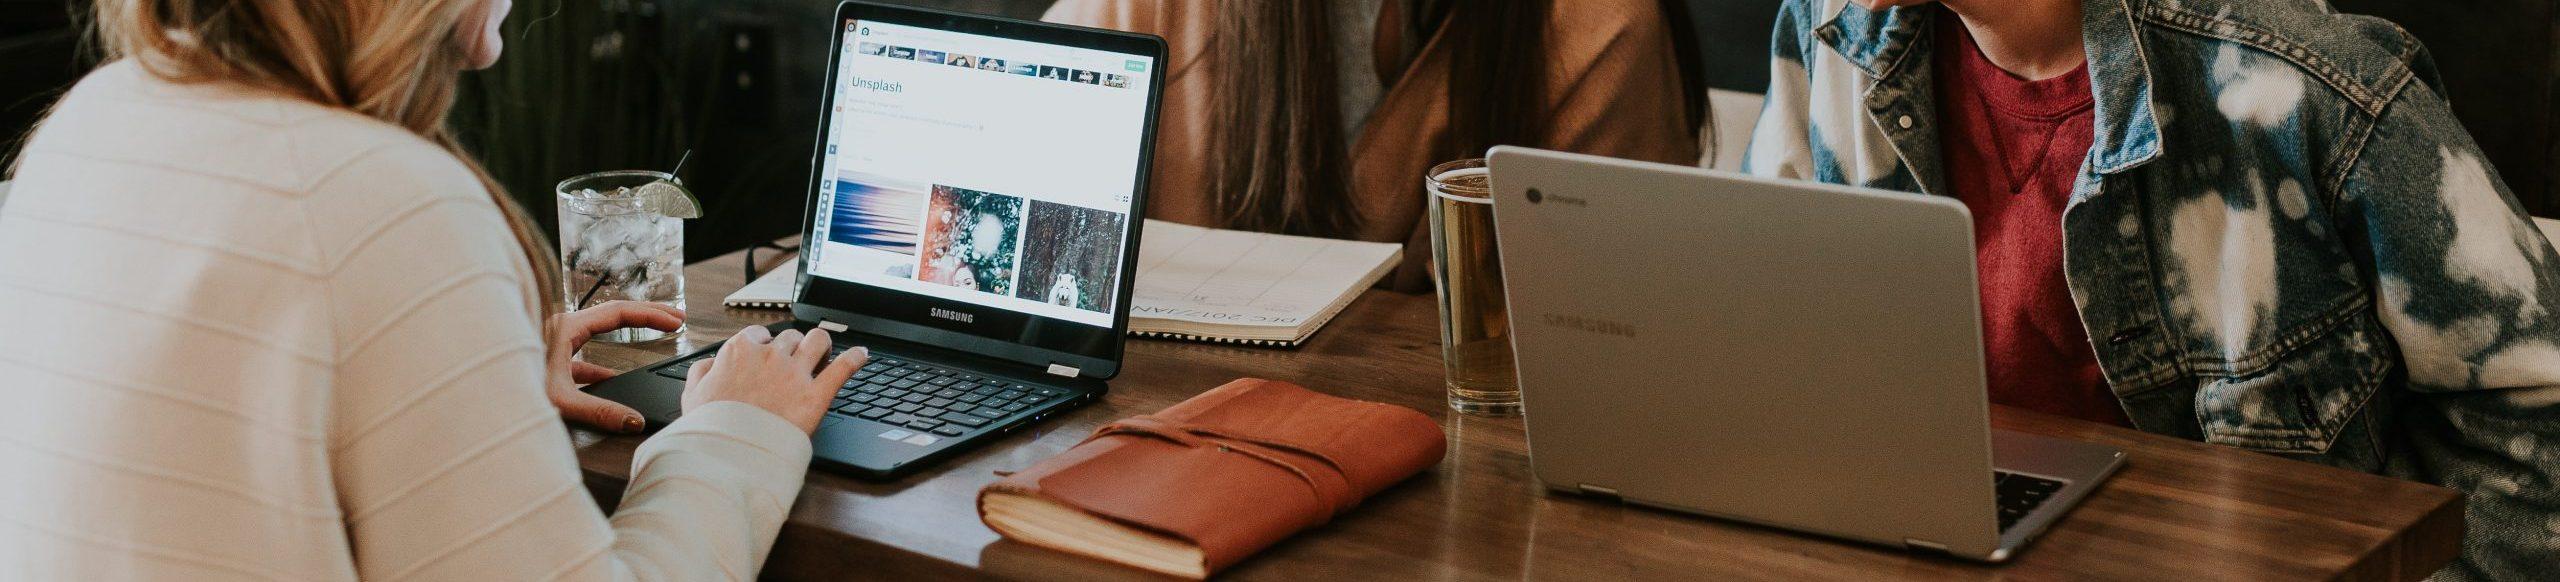 écrans d'ordinateur autour d'une même table